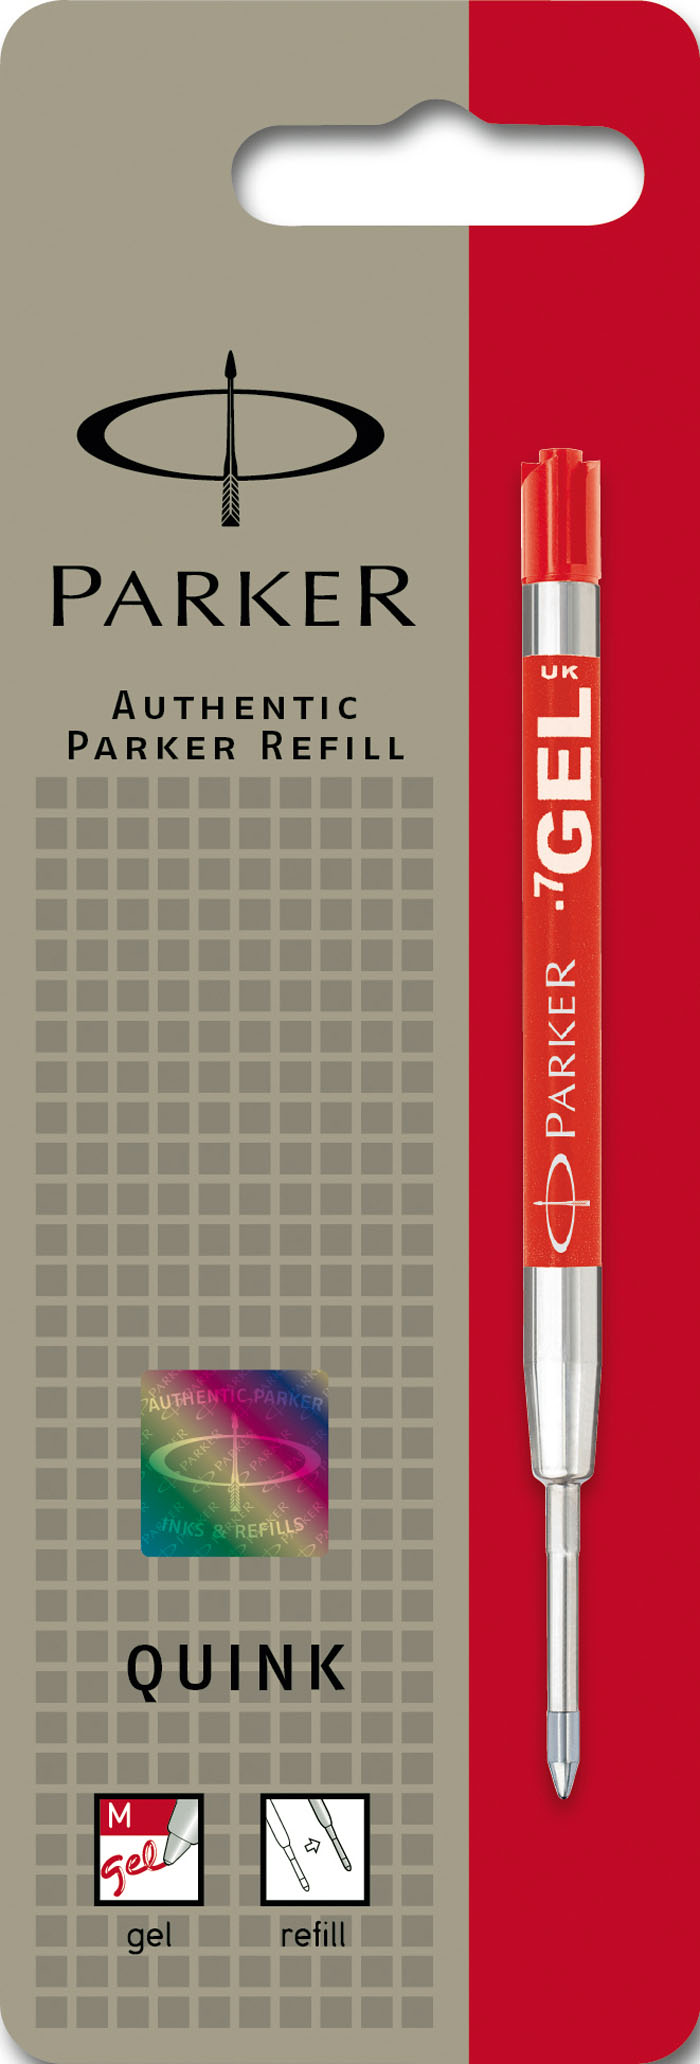 Parker Стержень гелевый для шариковой ручки цвет чернил красныйPARKER-S0881270Стержень гелевый для шариковой ручки.Линия письма - средняя 0,7 мм.